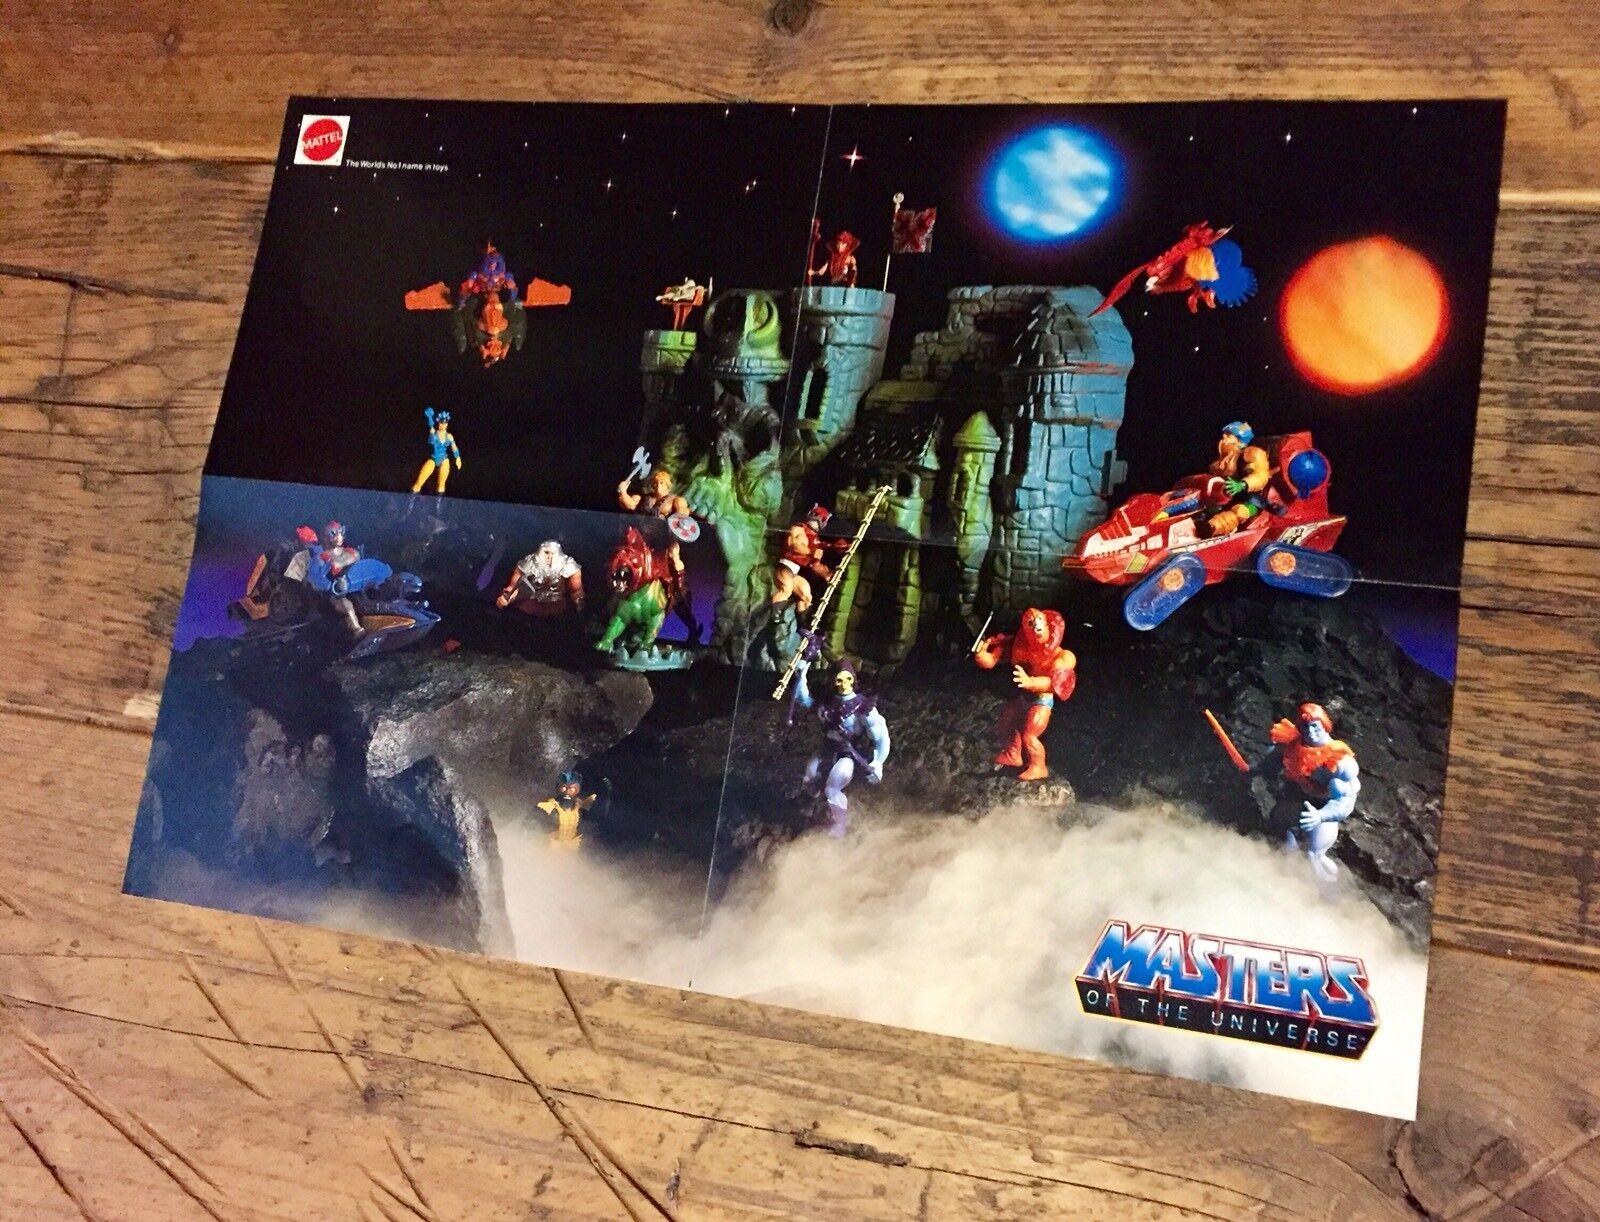 He-man Amos Del Universo Reino Unido Cochetel Mattel Amos del universo-muy Raro - 16  X 12